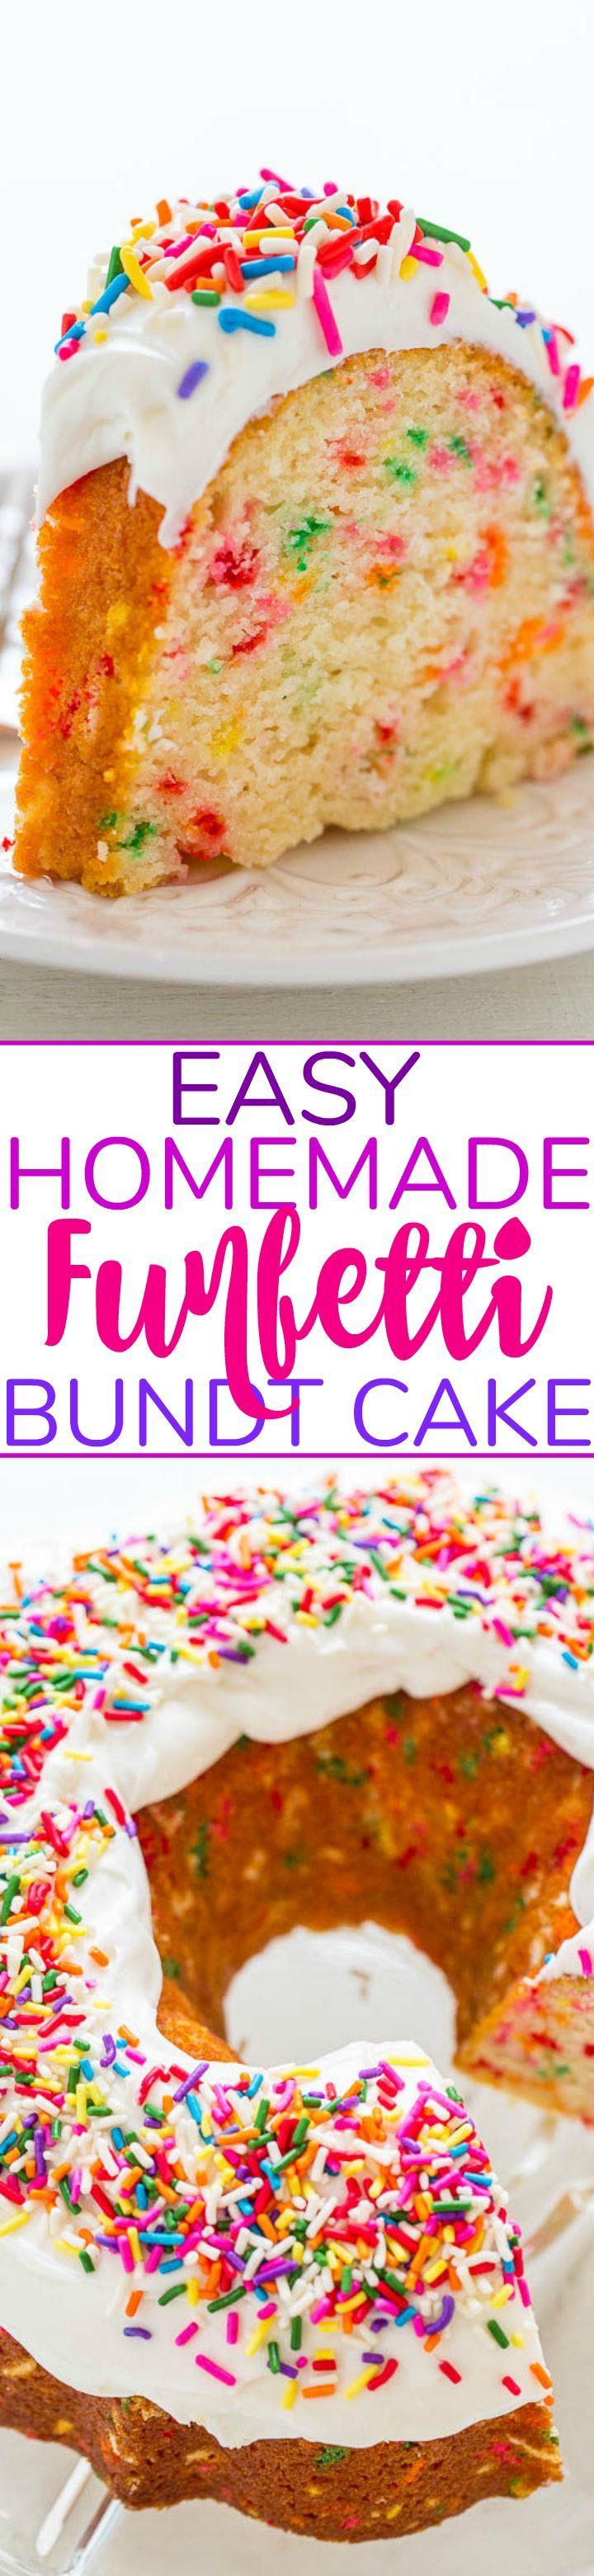 Easy homemade funfettiinspired bundt cake averie cooks